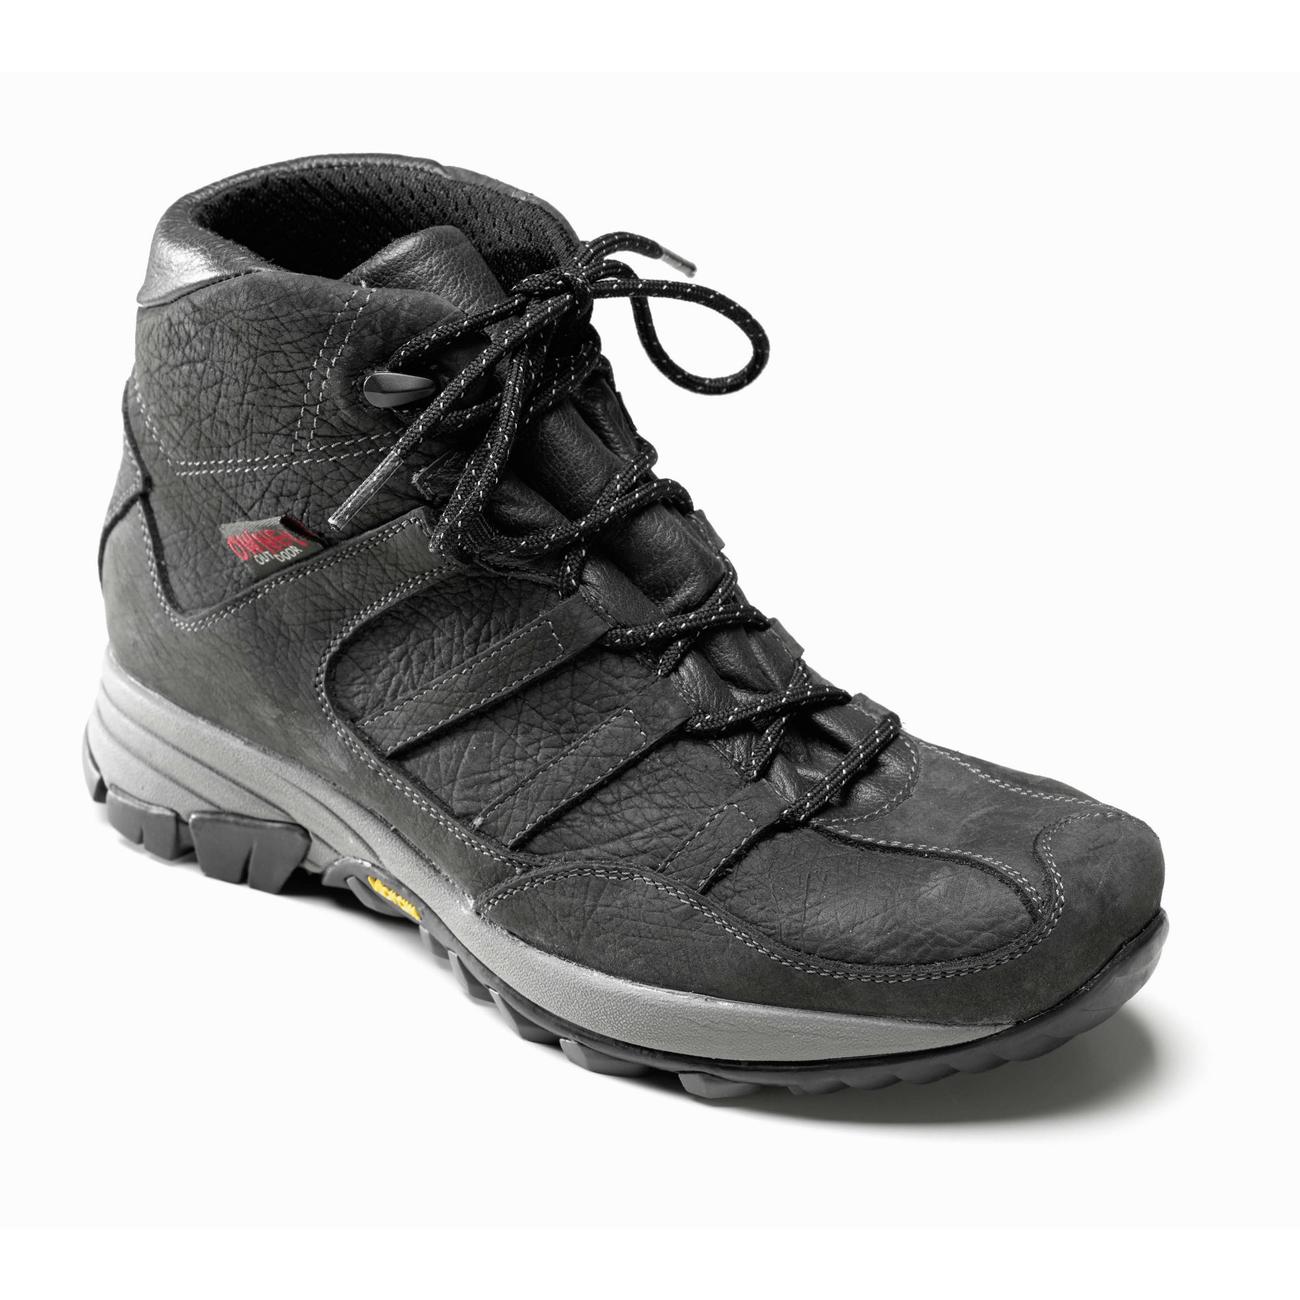 Owney Grassland Outdoor Schuhe